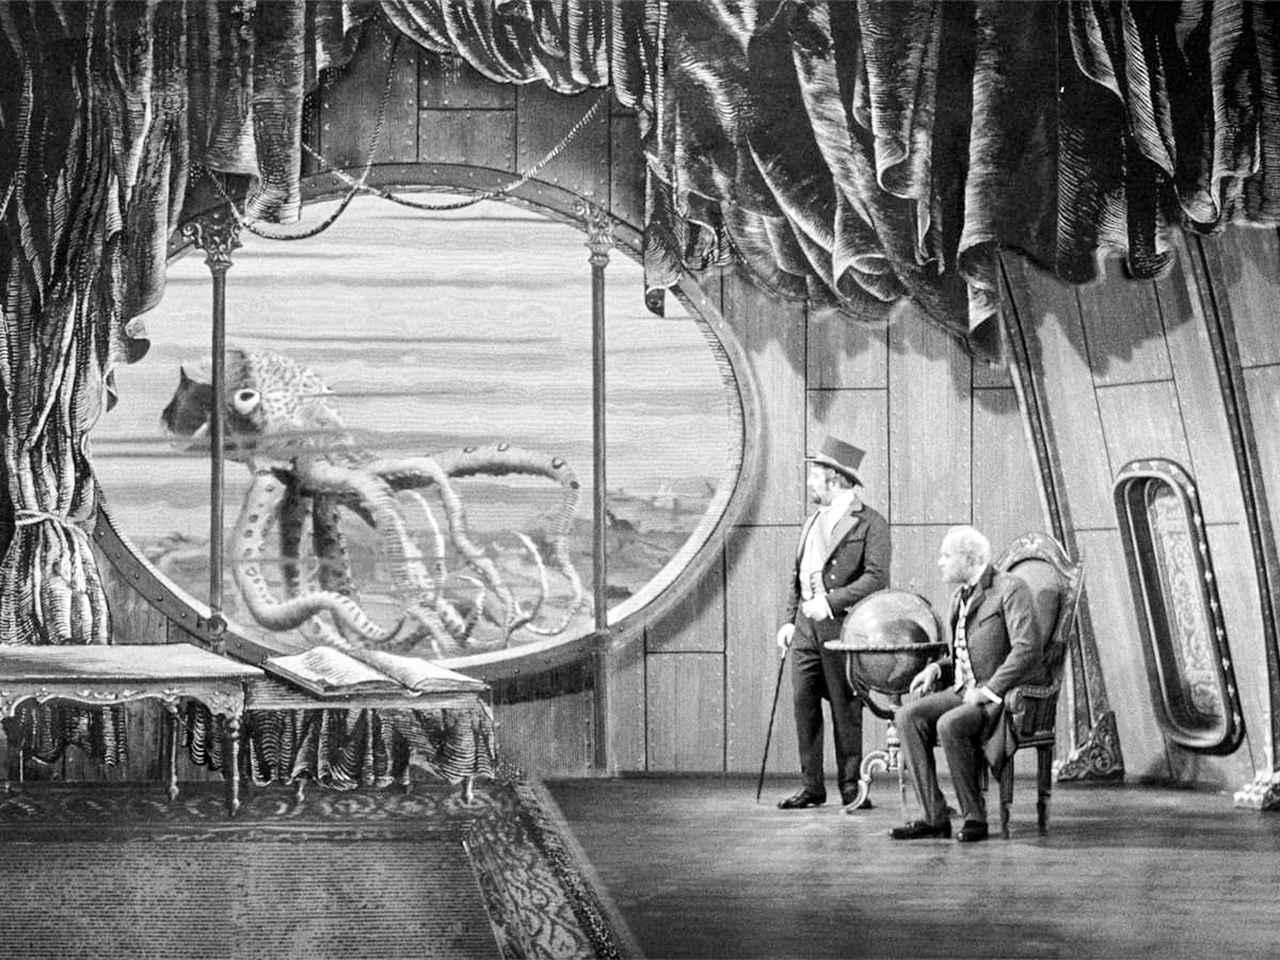 画像3: カレル・ゼマン監督作『前世紀探険』『悪魔の発明』『ほら男爵の冒険』【クライテリオンNEWリリース】